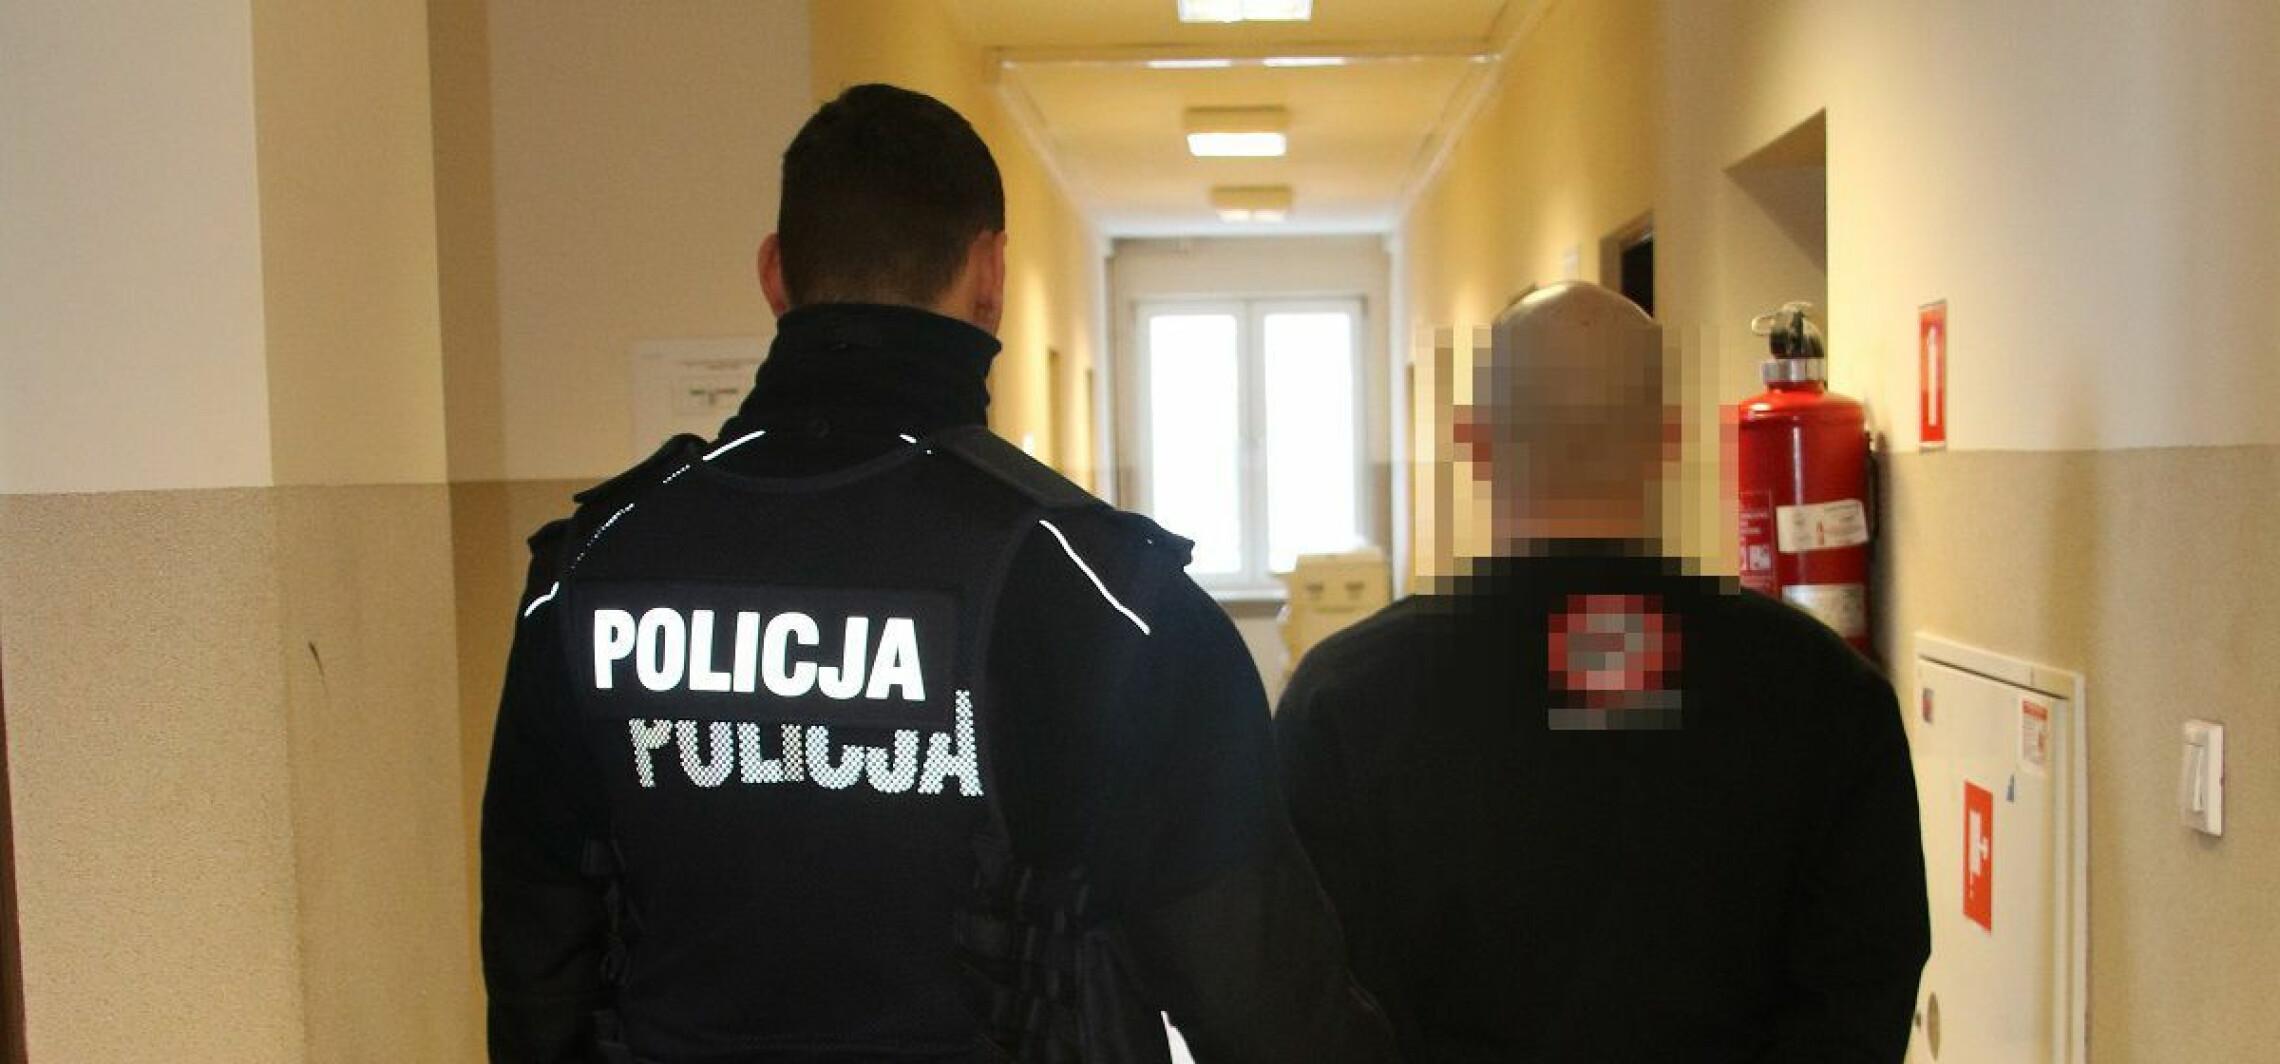 Kujawsko-Pomorskie - Nakielska policja zatrzymała bydgoszczanina